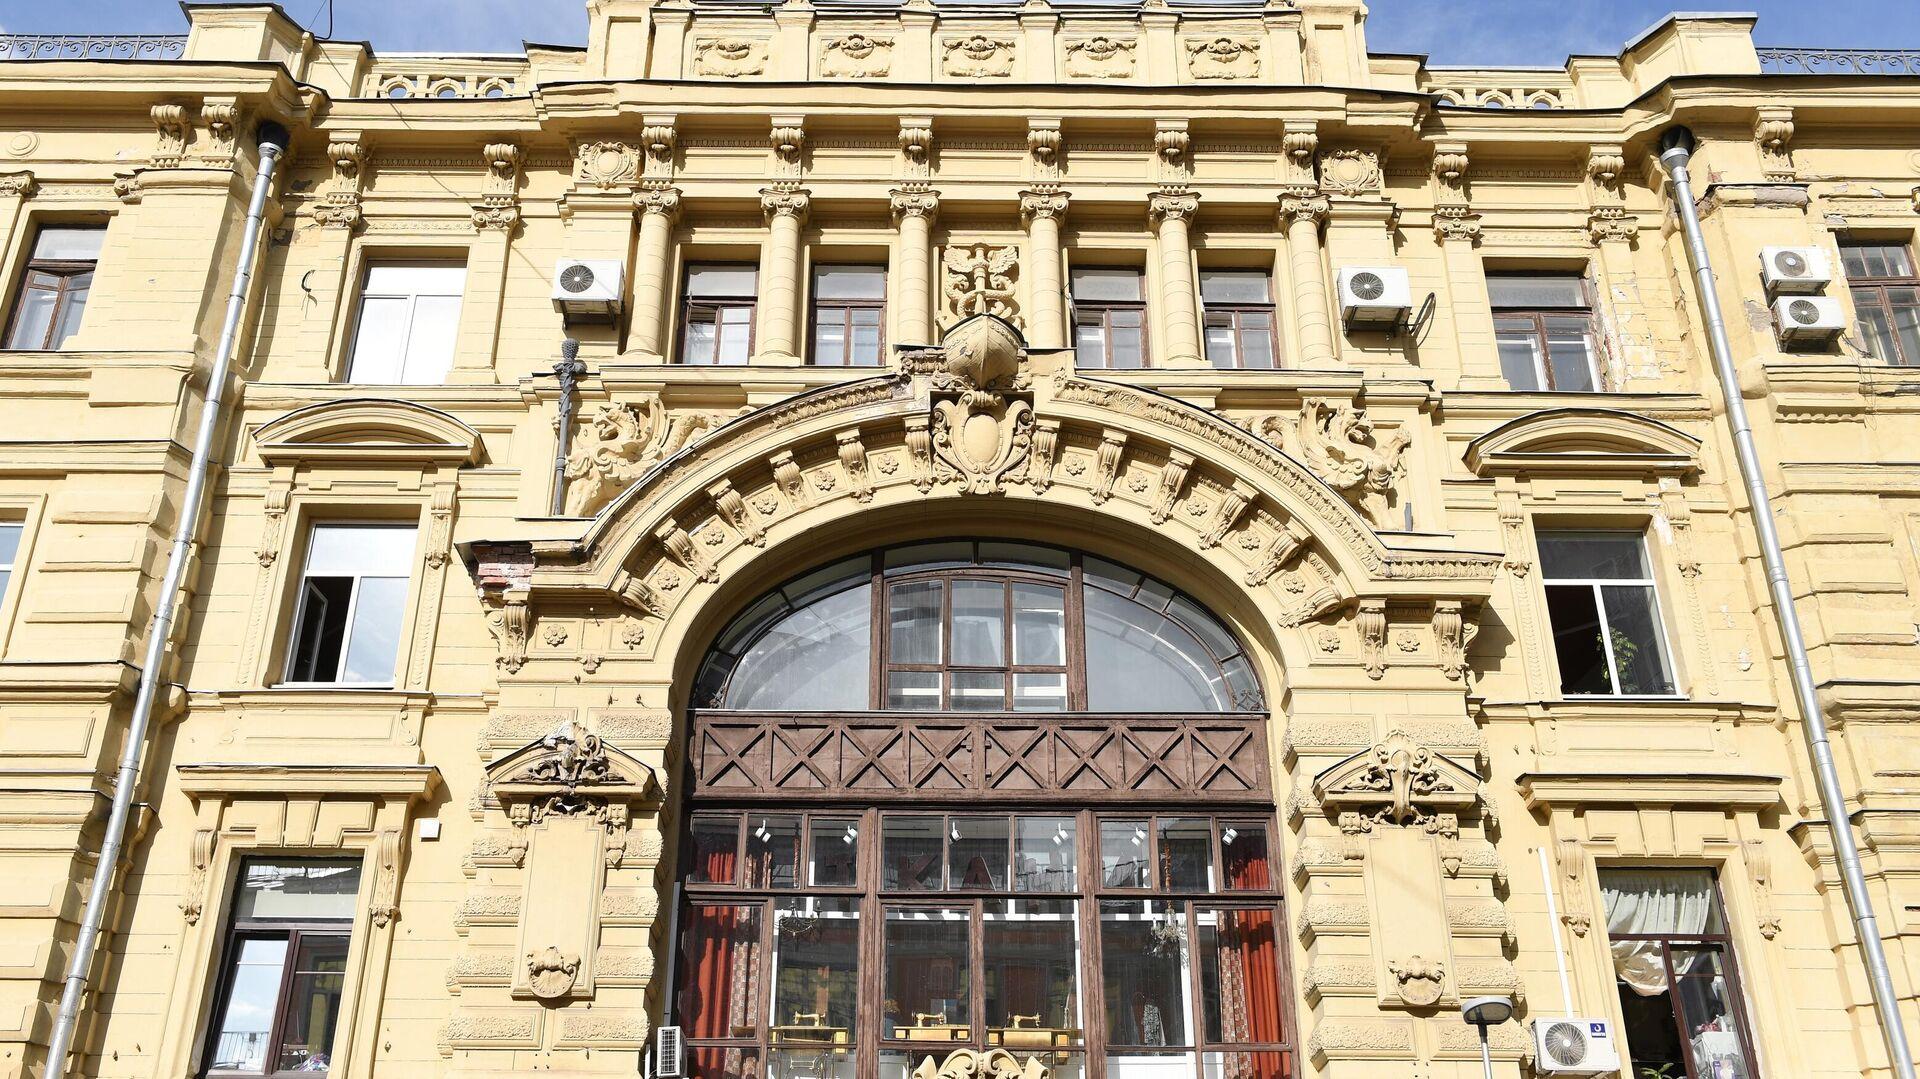 Многоквартирный дом на улице Кузнецкий Мост, 19 в Москве - РИА Новости, 1920, 05.10.2020